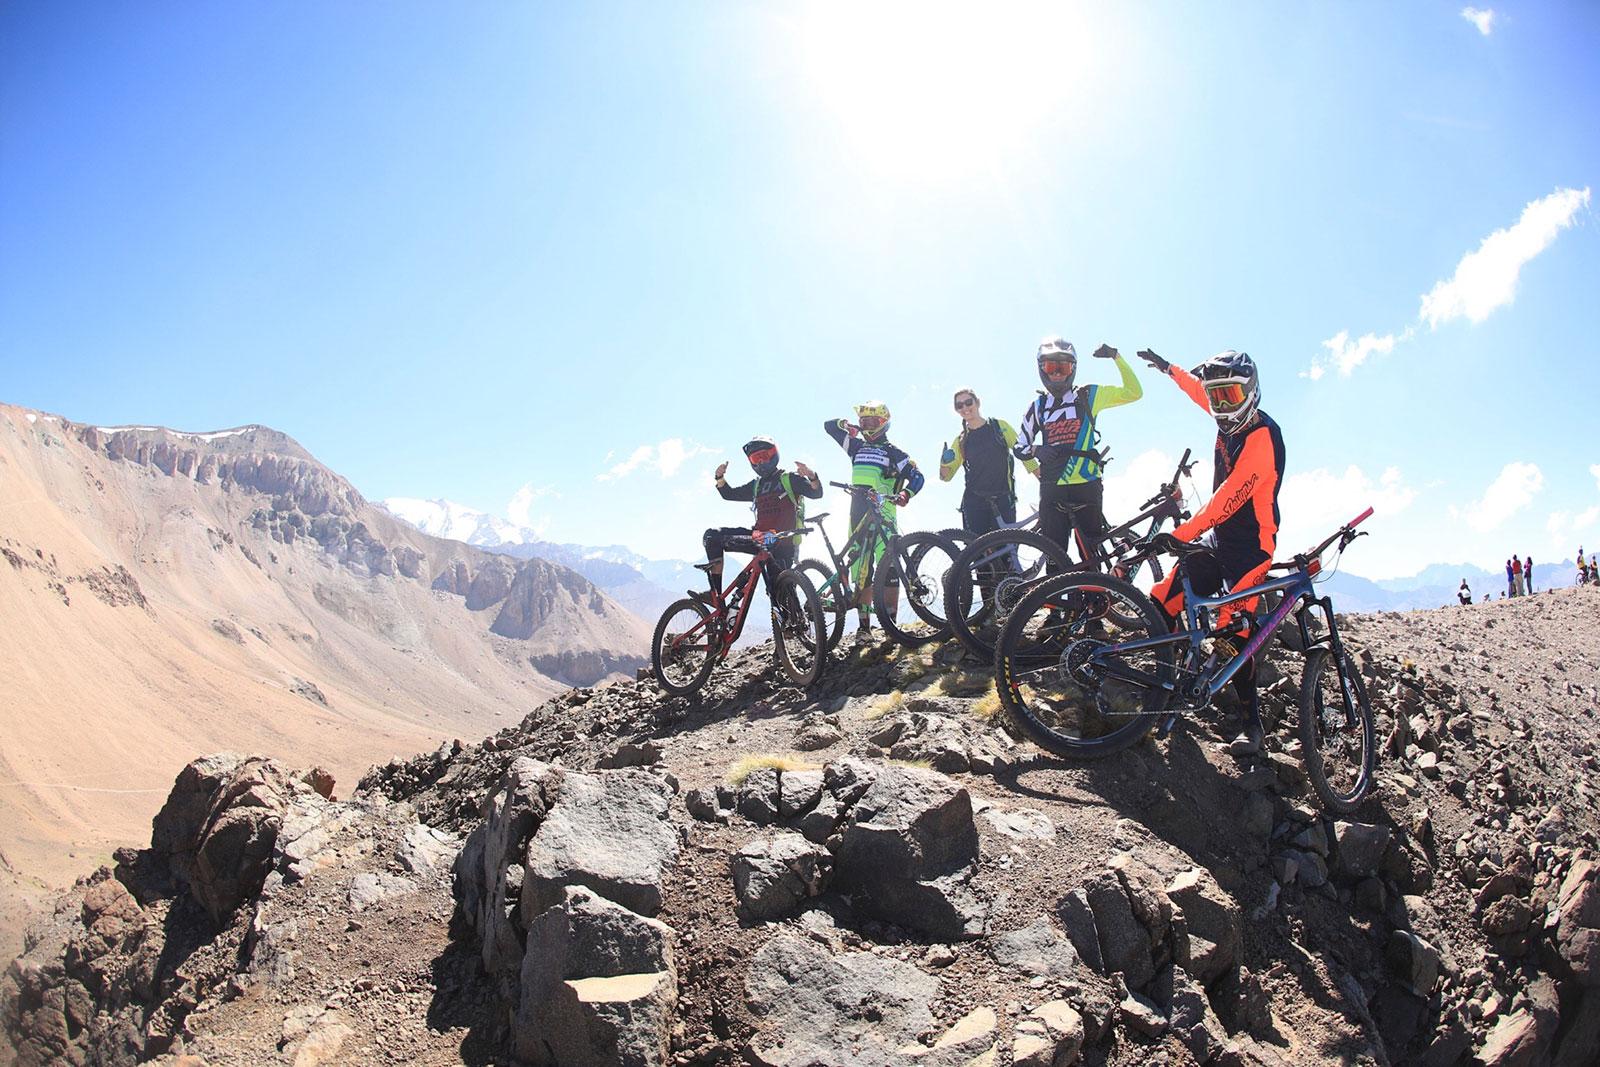 Santa Cruz Bicycles riders at the top of La Parva